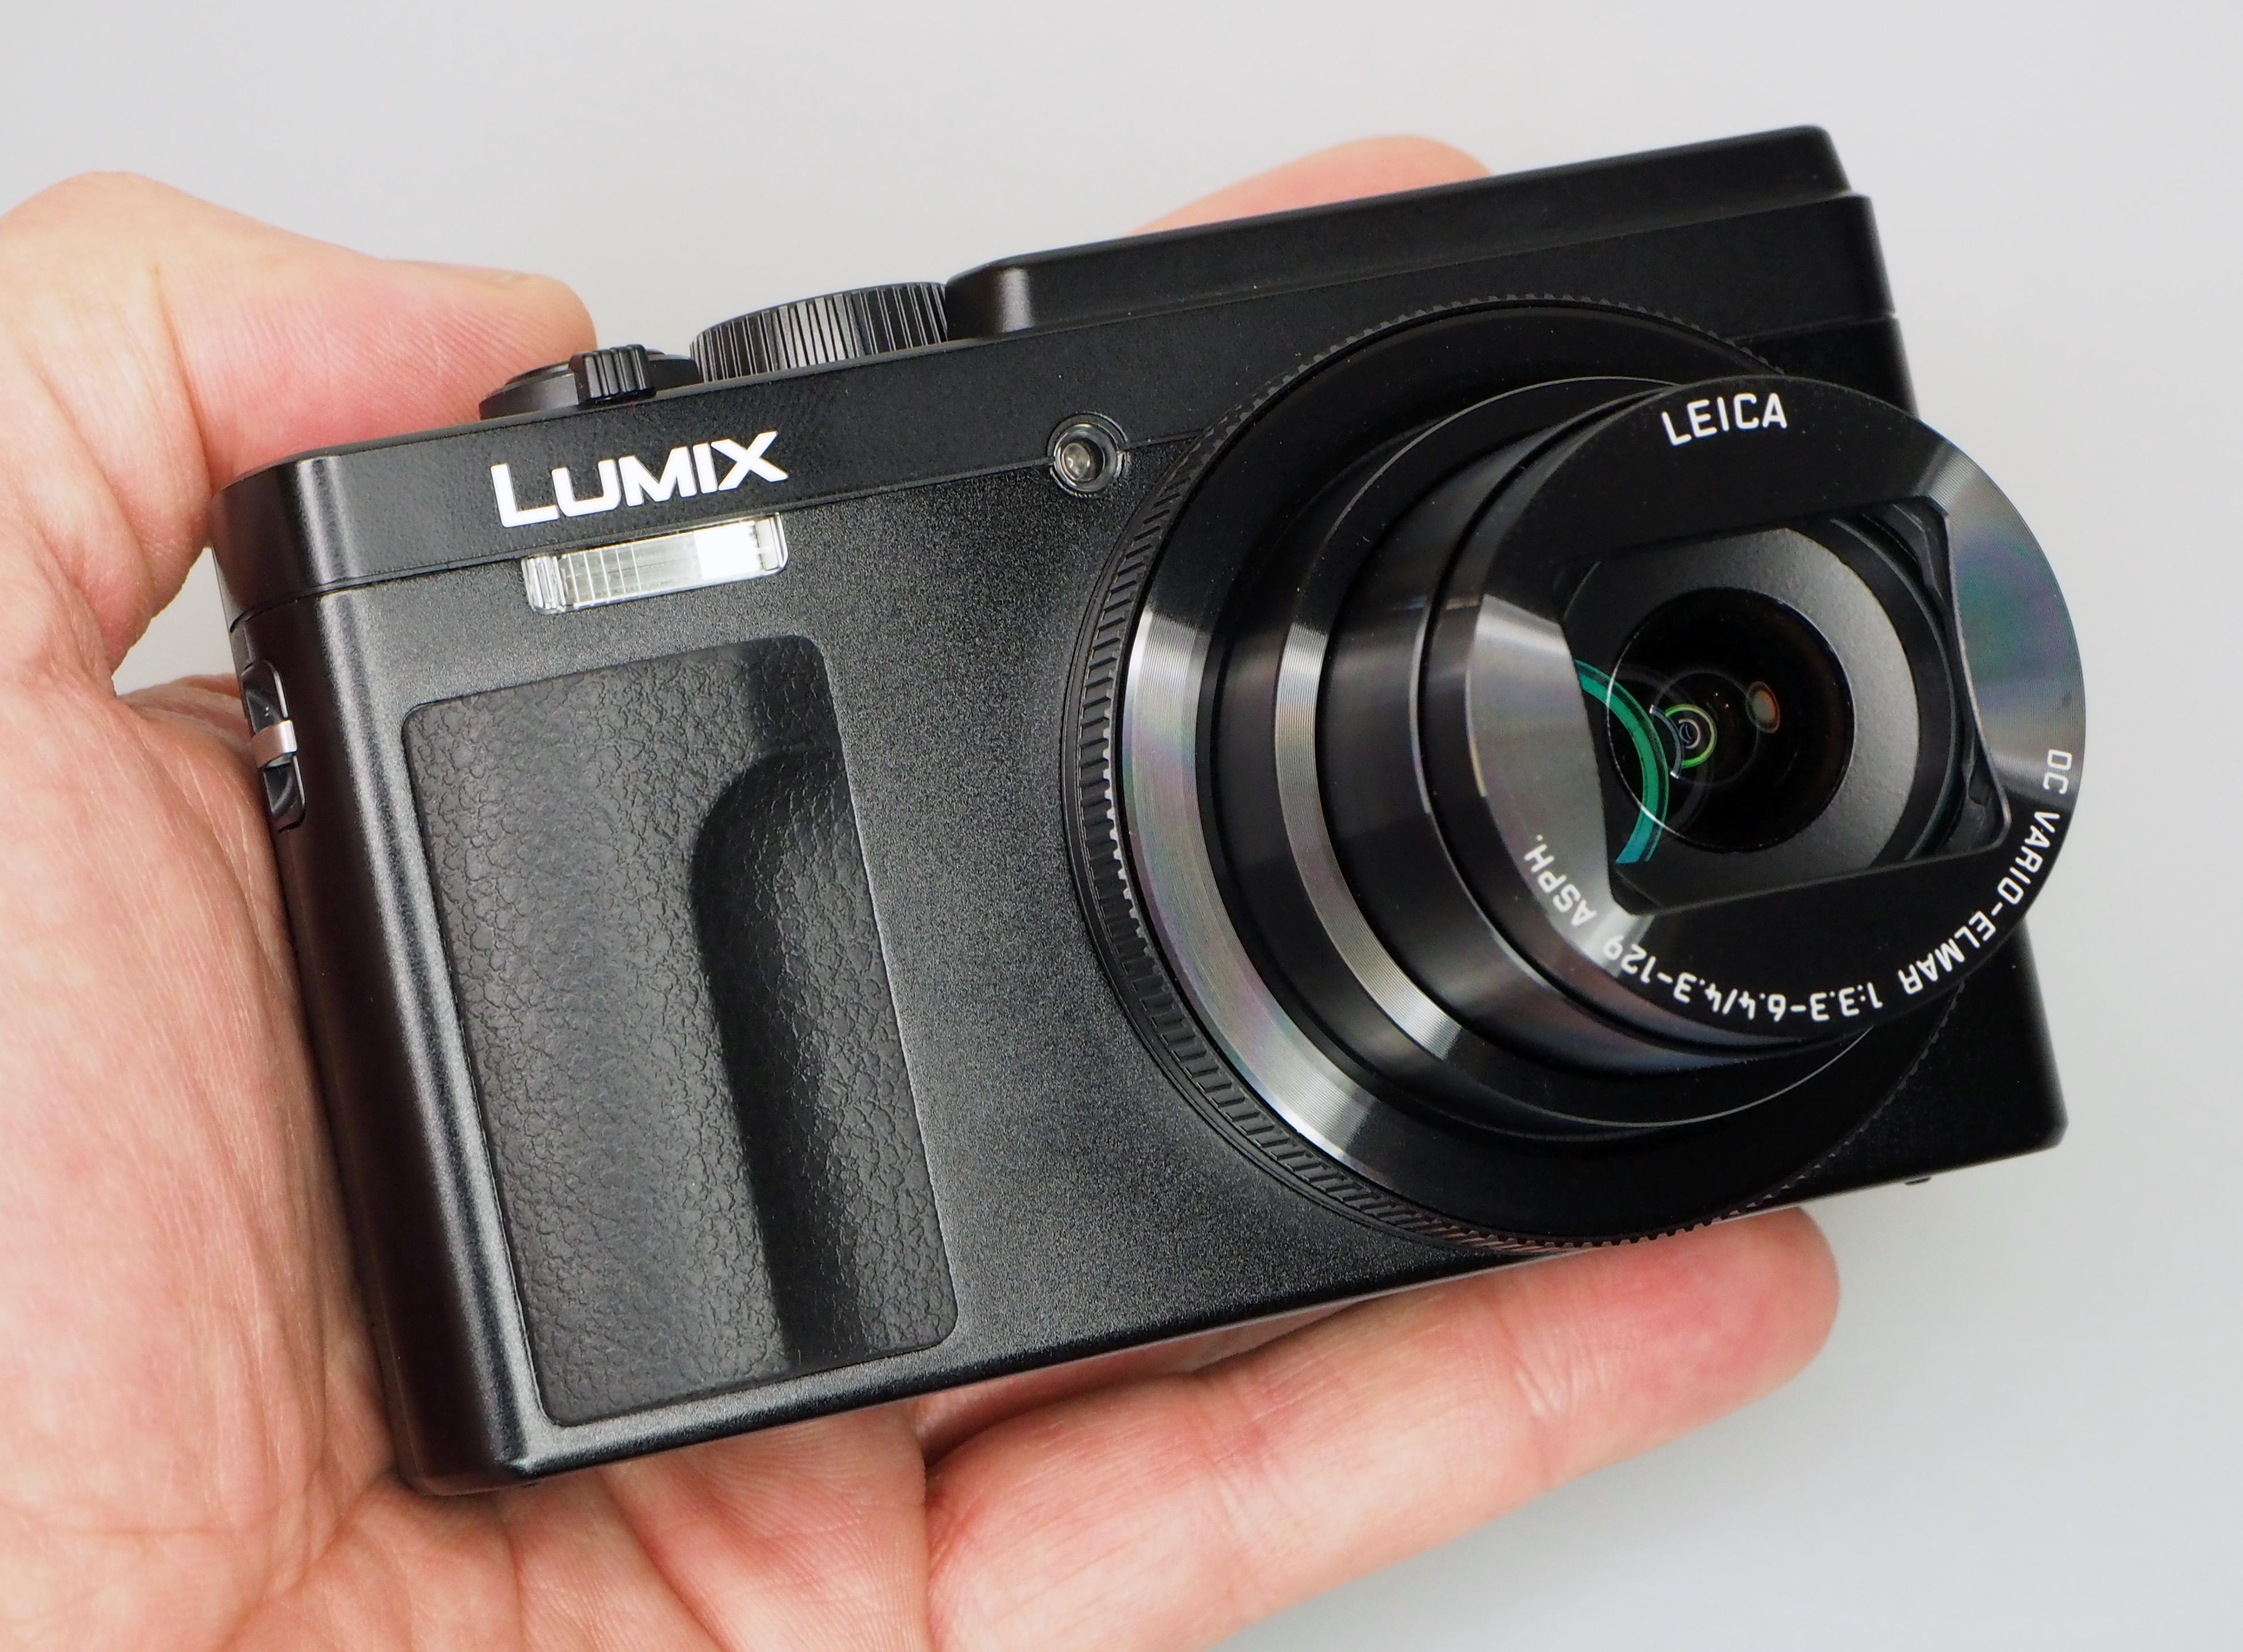 Panasonic Lumix TZ95 Review | ePHOTOzine